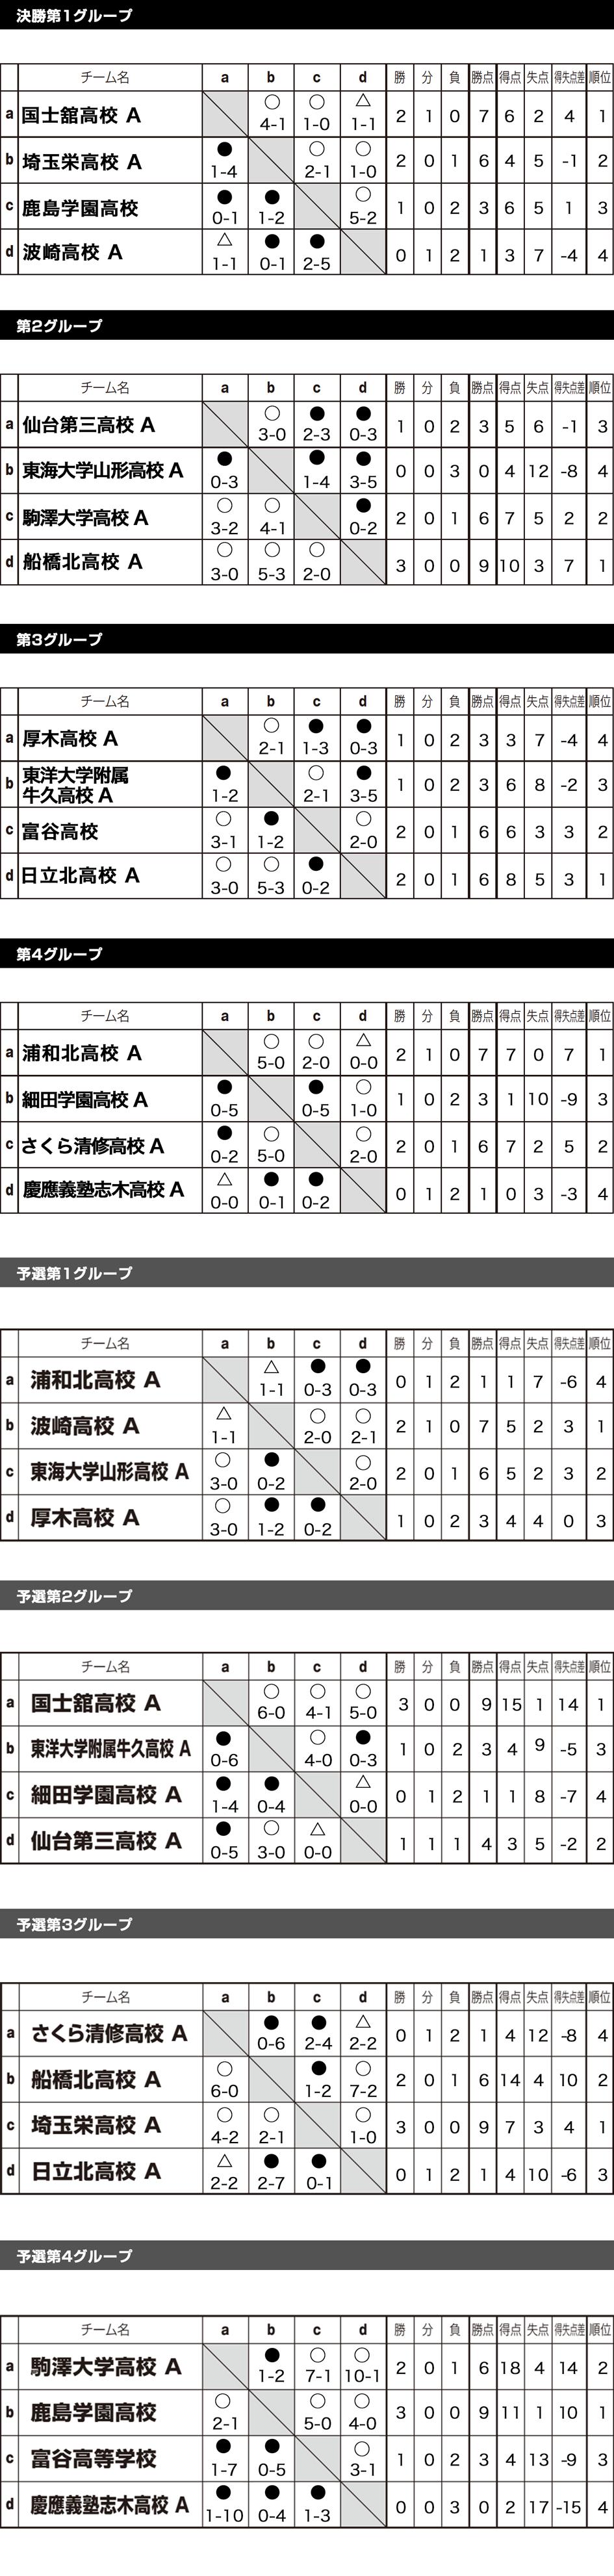 2017/8/14(月)~17(木)2泊3日 全国ユースFESTAステージ5 in 波崎 Div 1 トーナメント表